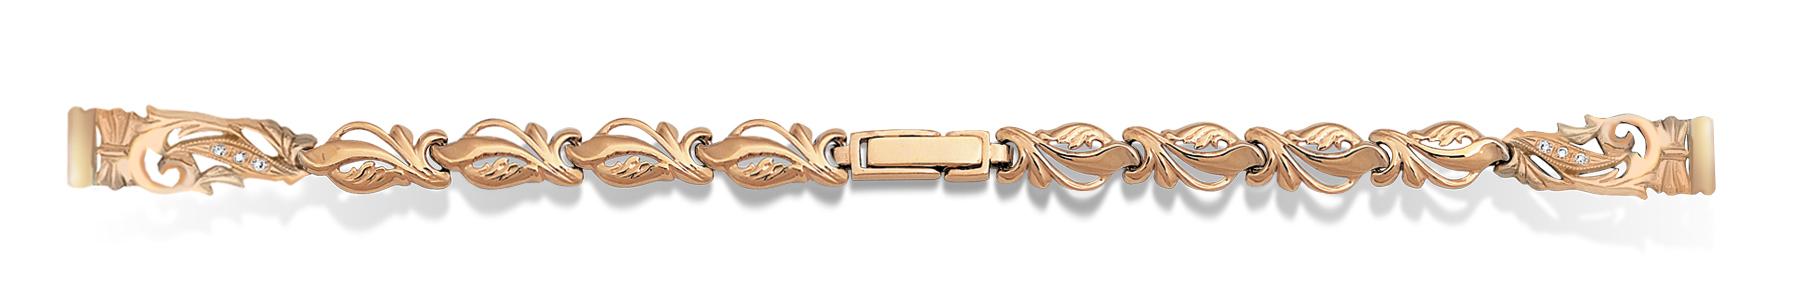 Цена часового золотого браслета в интернет магазине